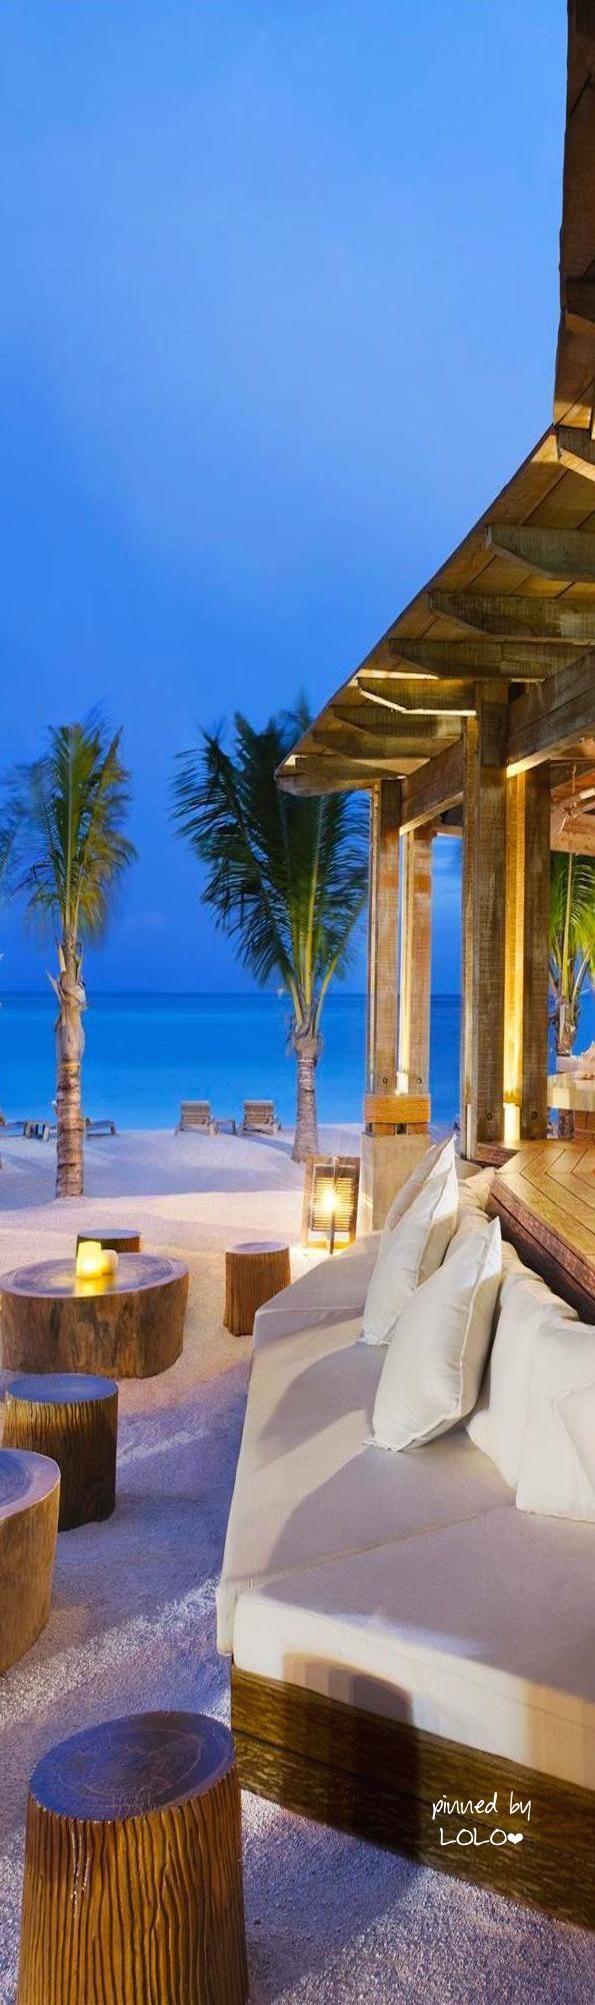 The st regis mauritius resort lolo